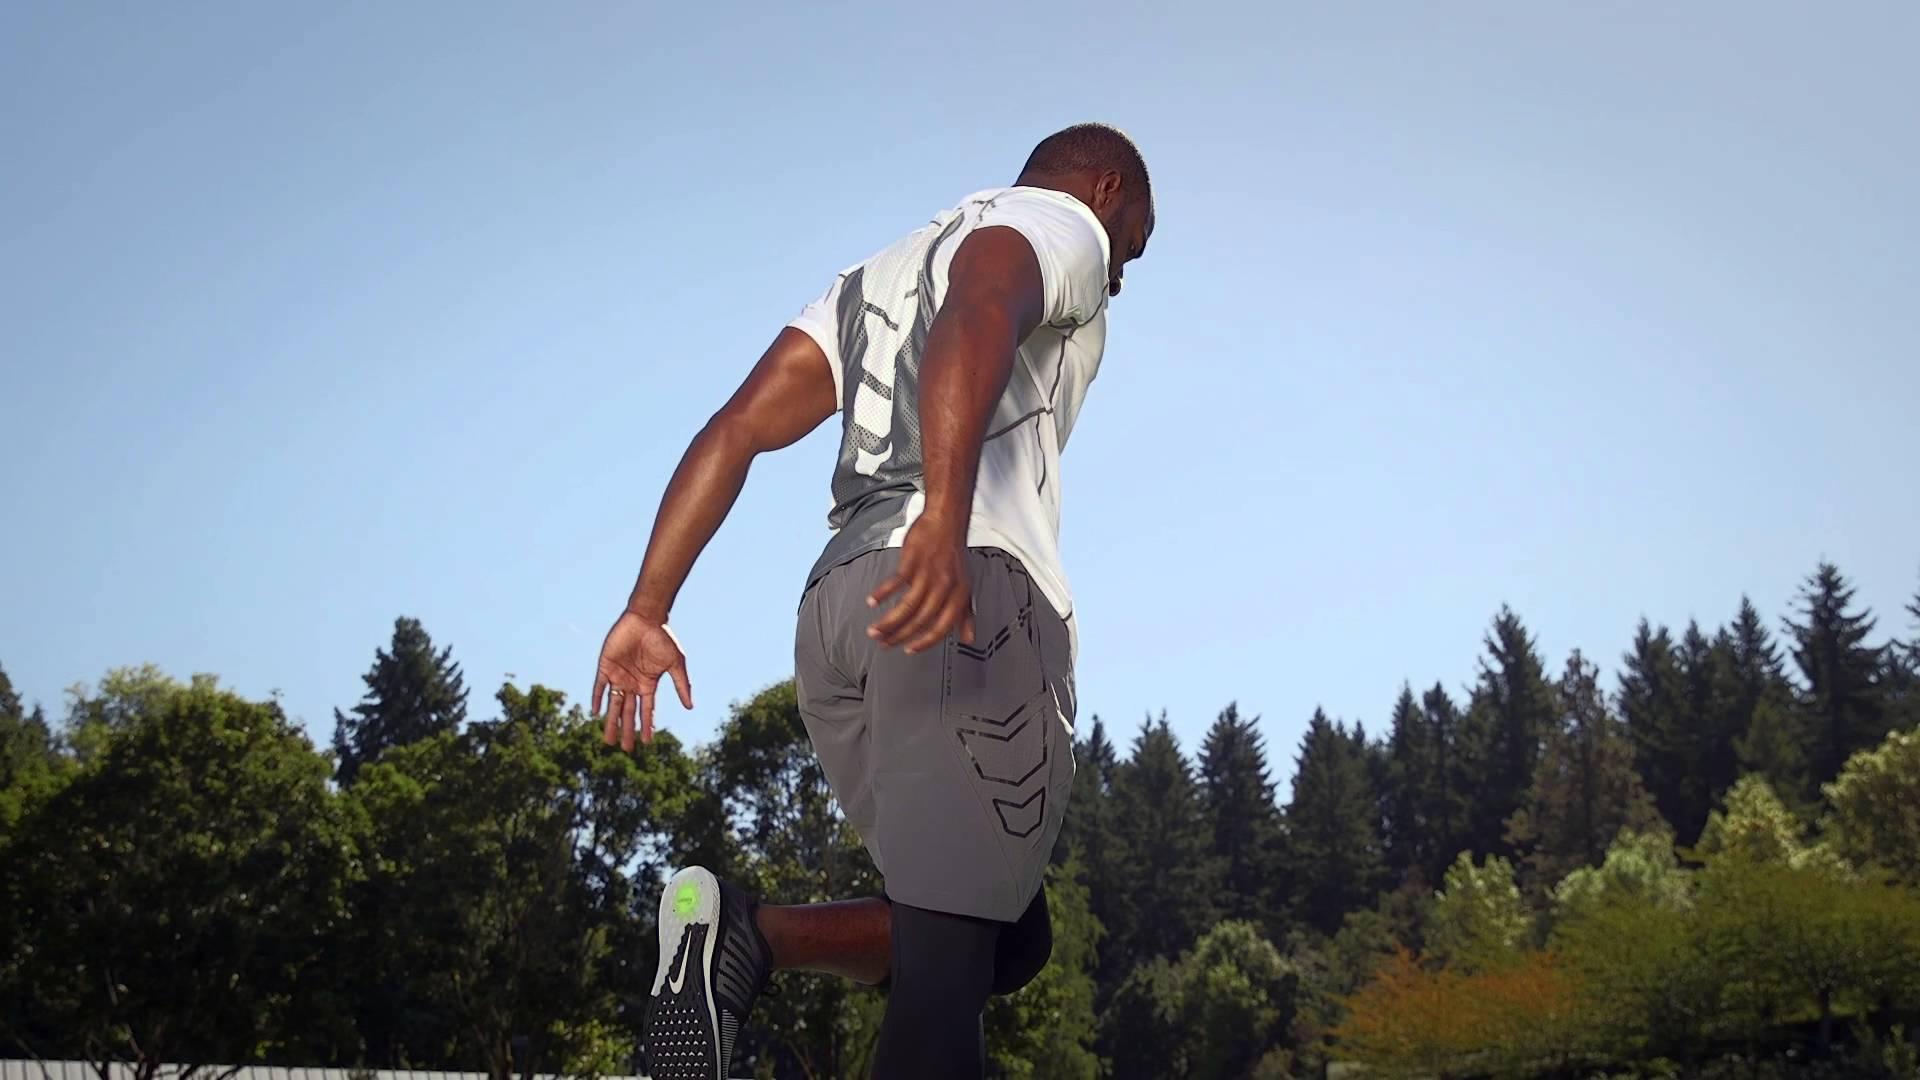 ヘディングを強化するために跳躍力を養おう!(跳躍・体幹・バネ)を意識したトレーニングの写真